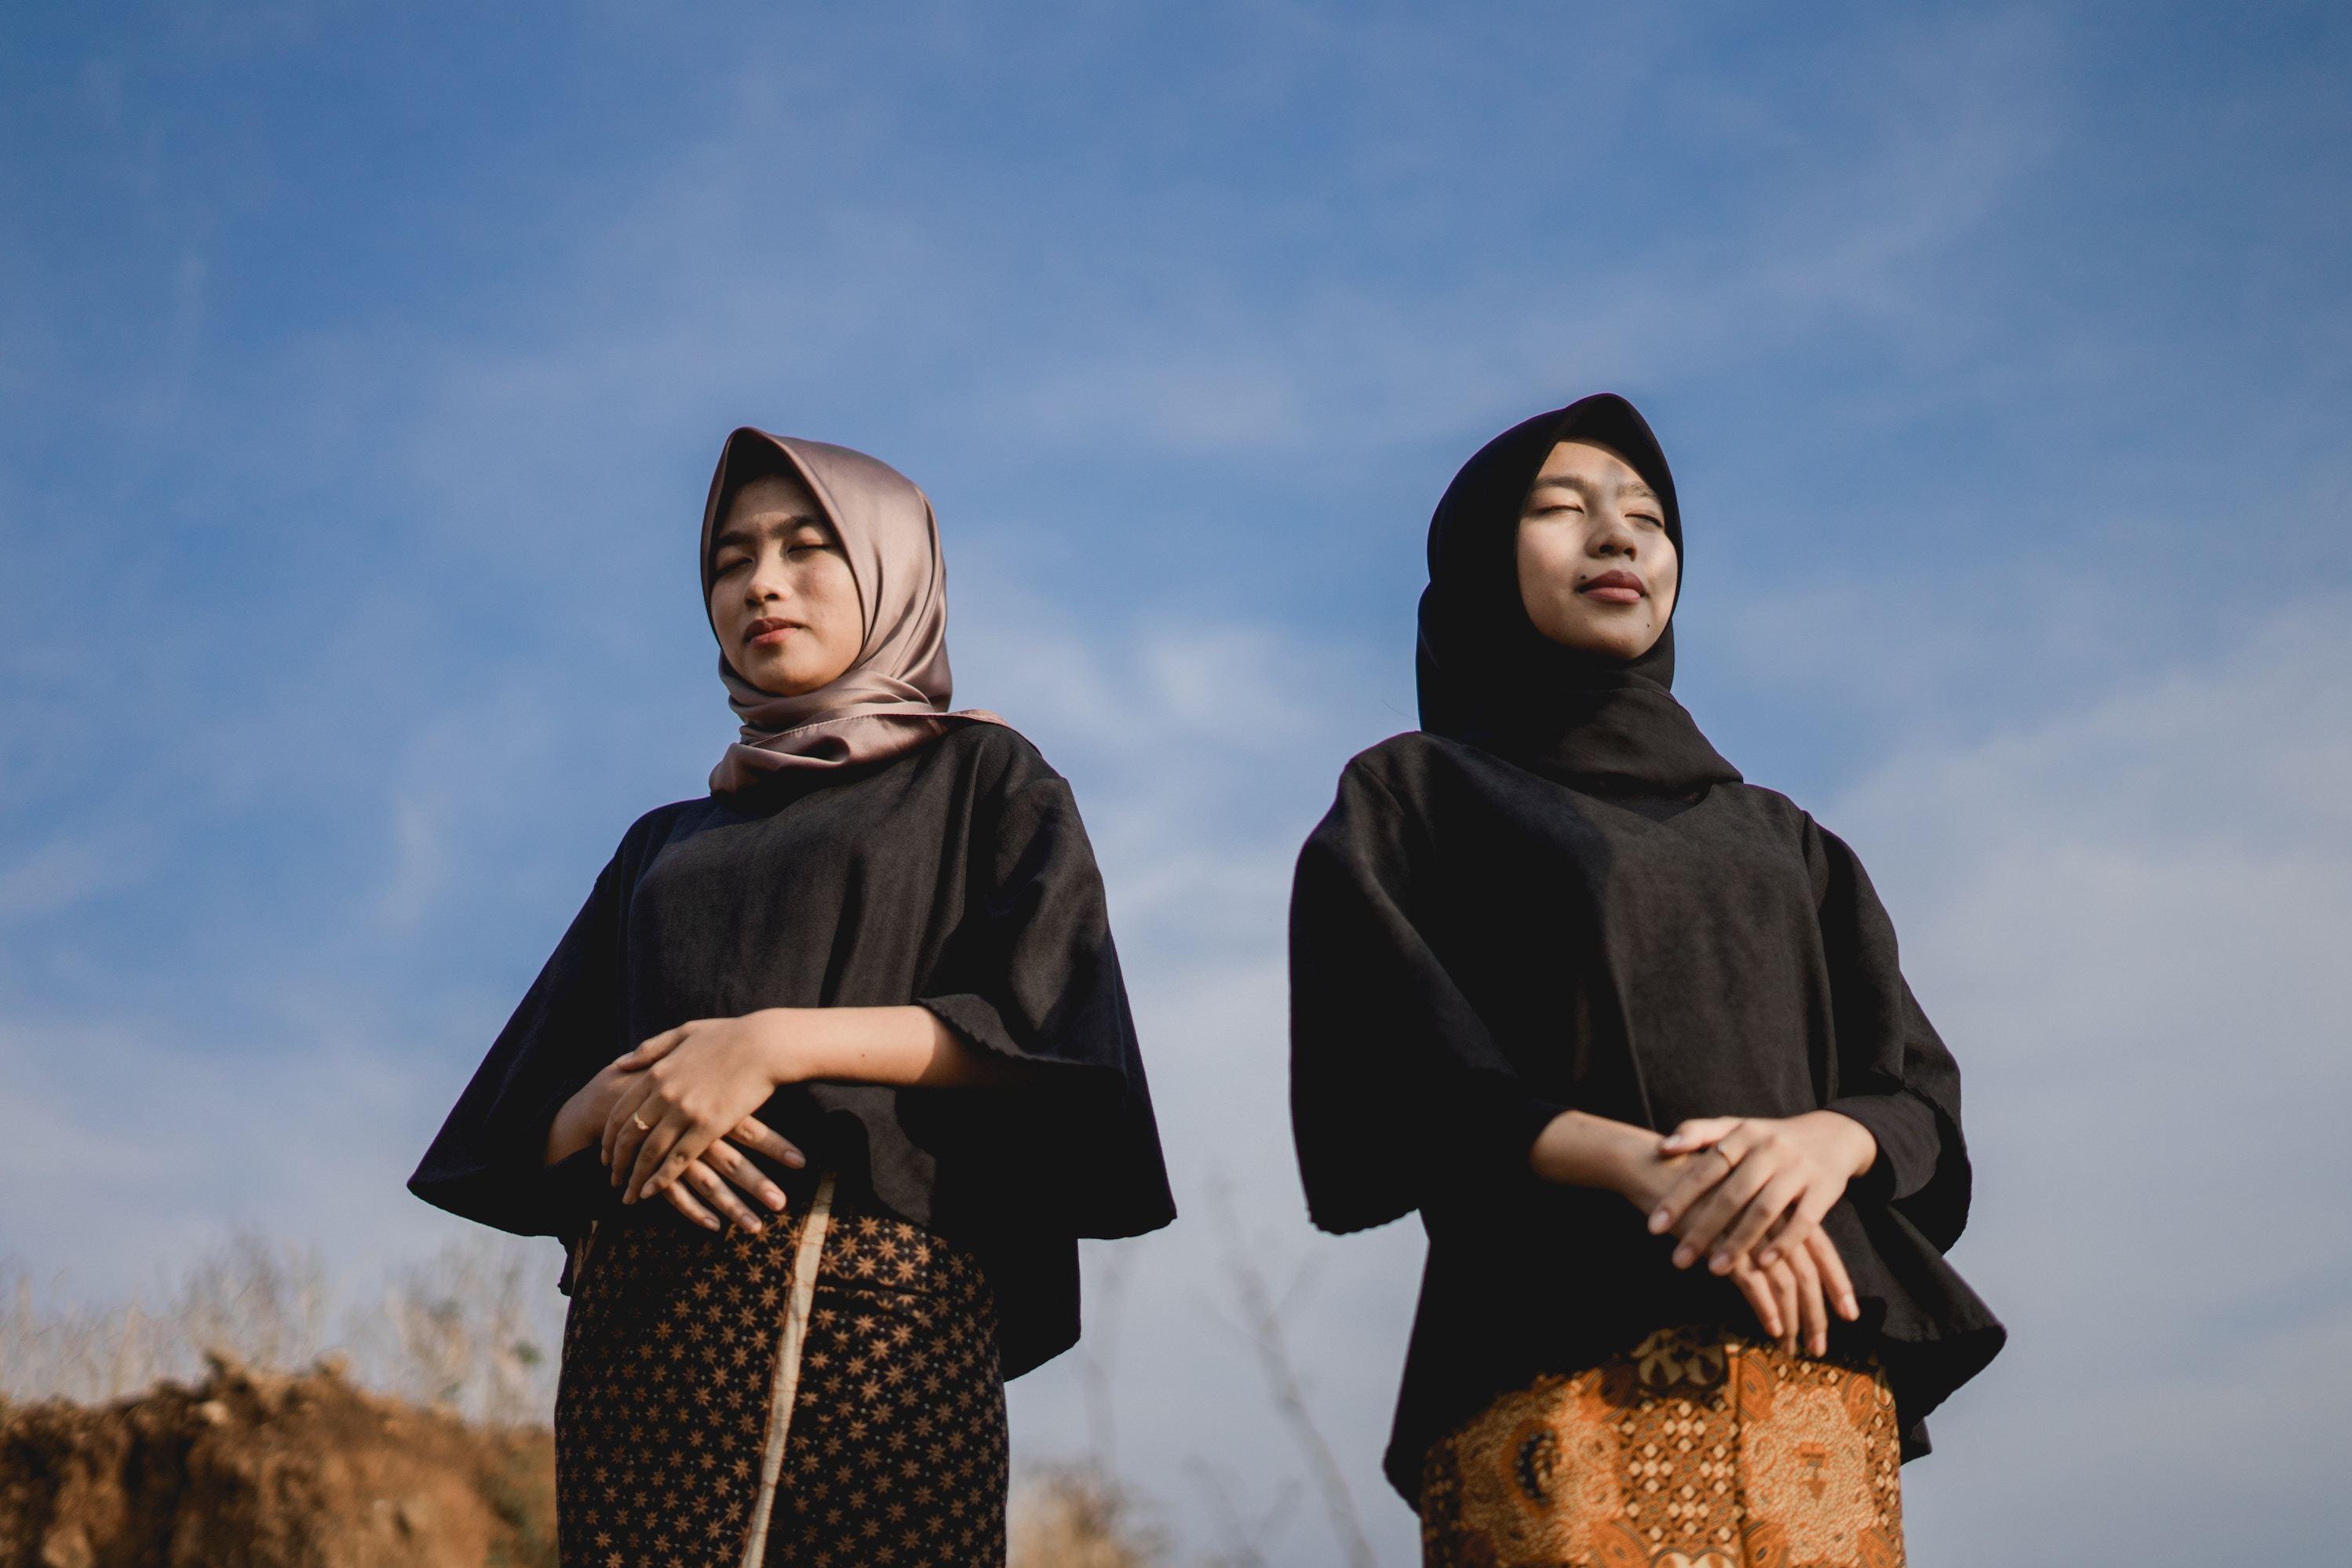 Two Muslim ladies with eyes closed